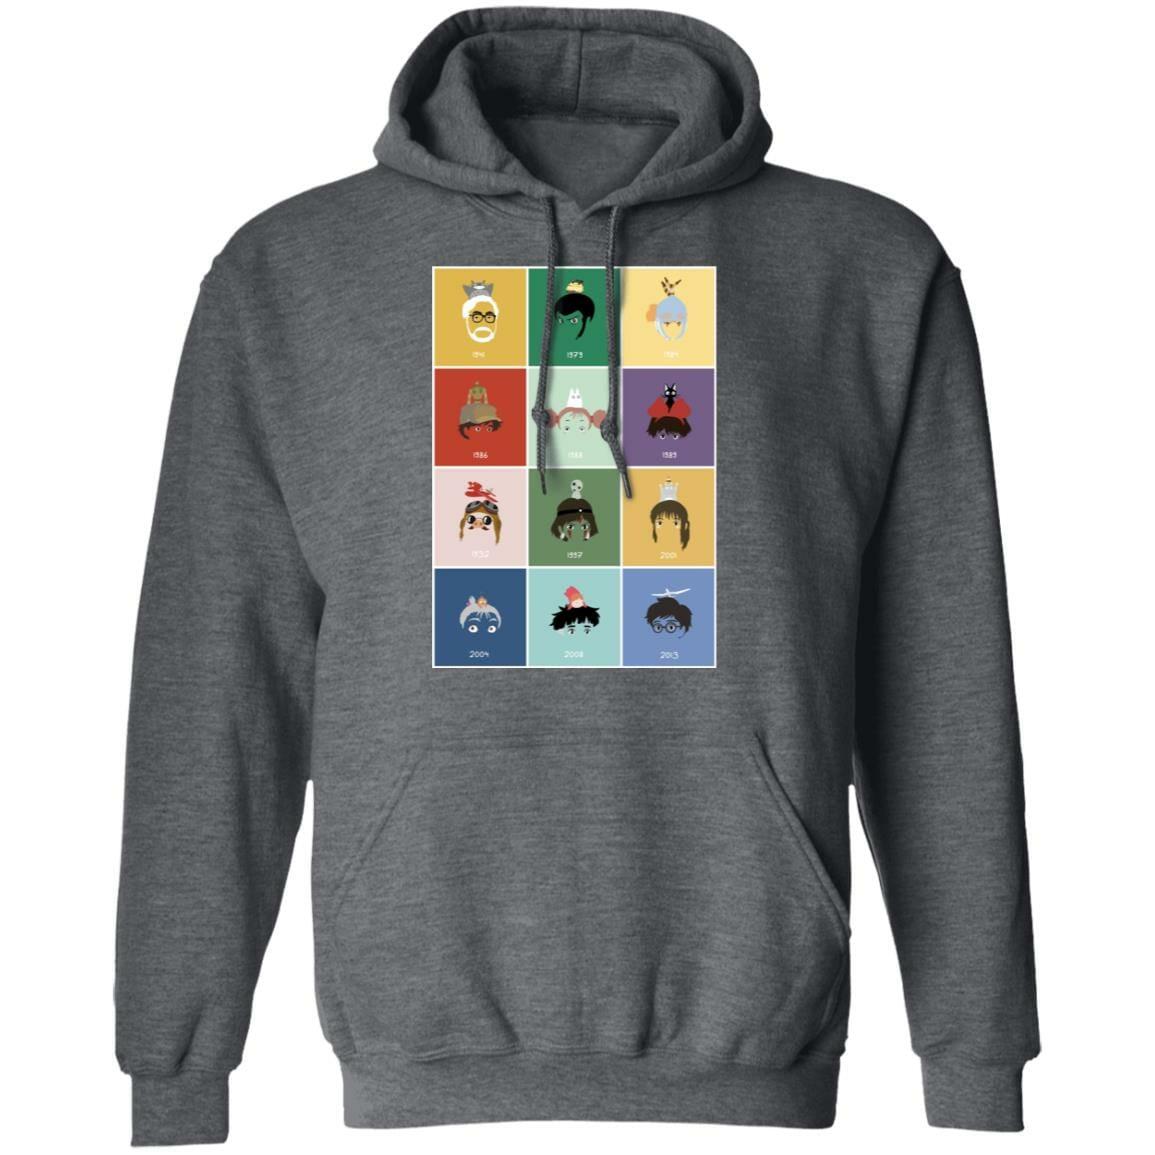 Ghibli Movie Collection Hoodie